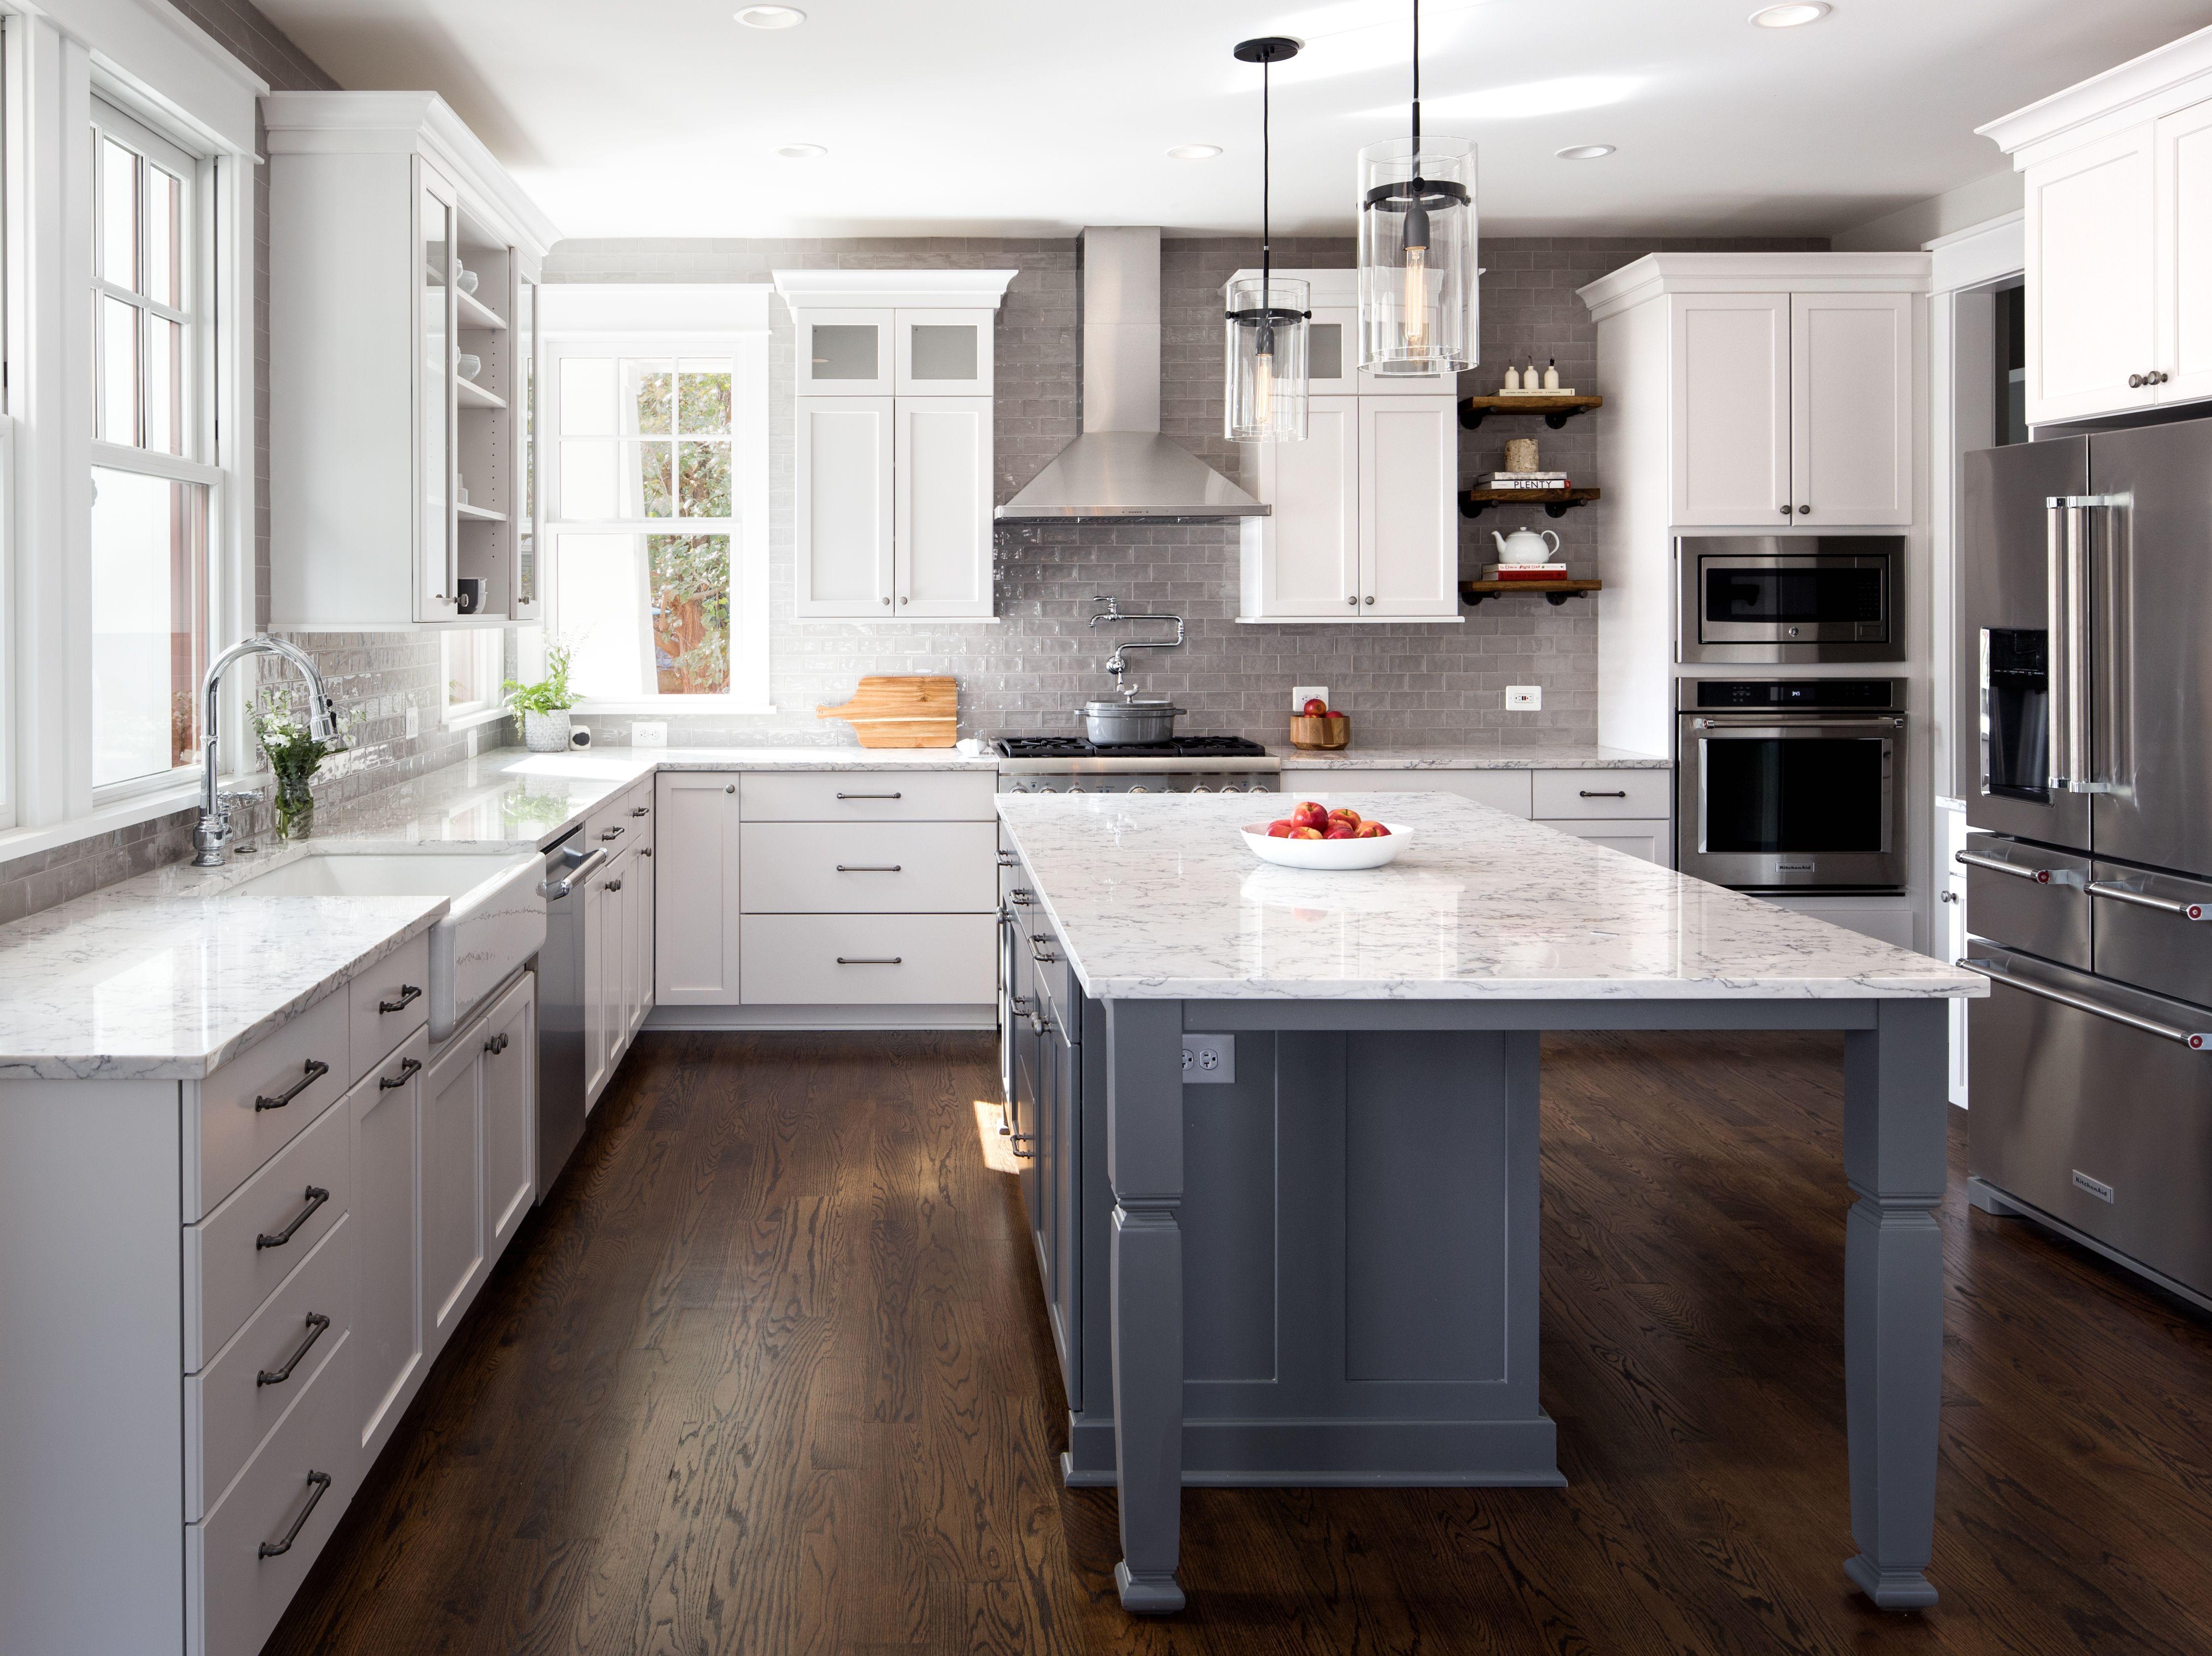 Modern Farmhouse Kitchen, White Gray Island